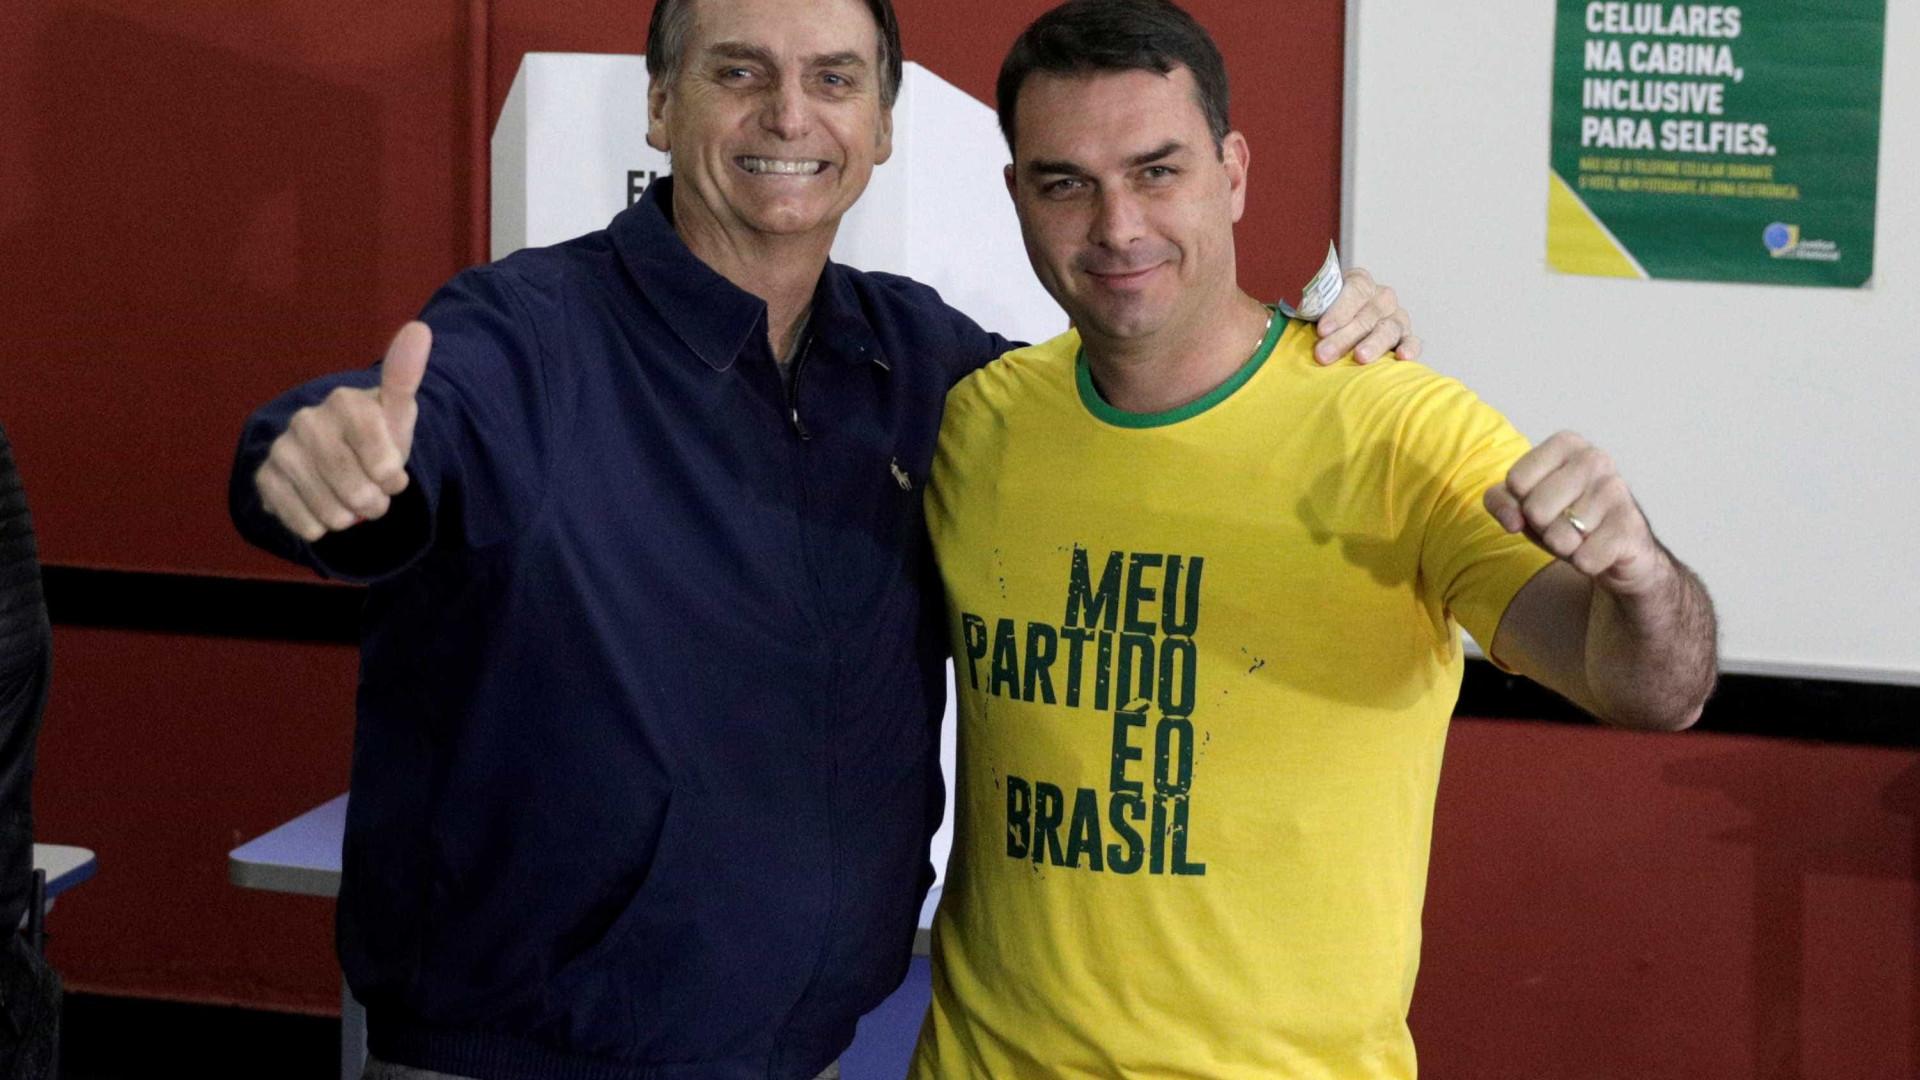 Caso Flávio Bolsonaro: falta de explicação incomoda militares